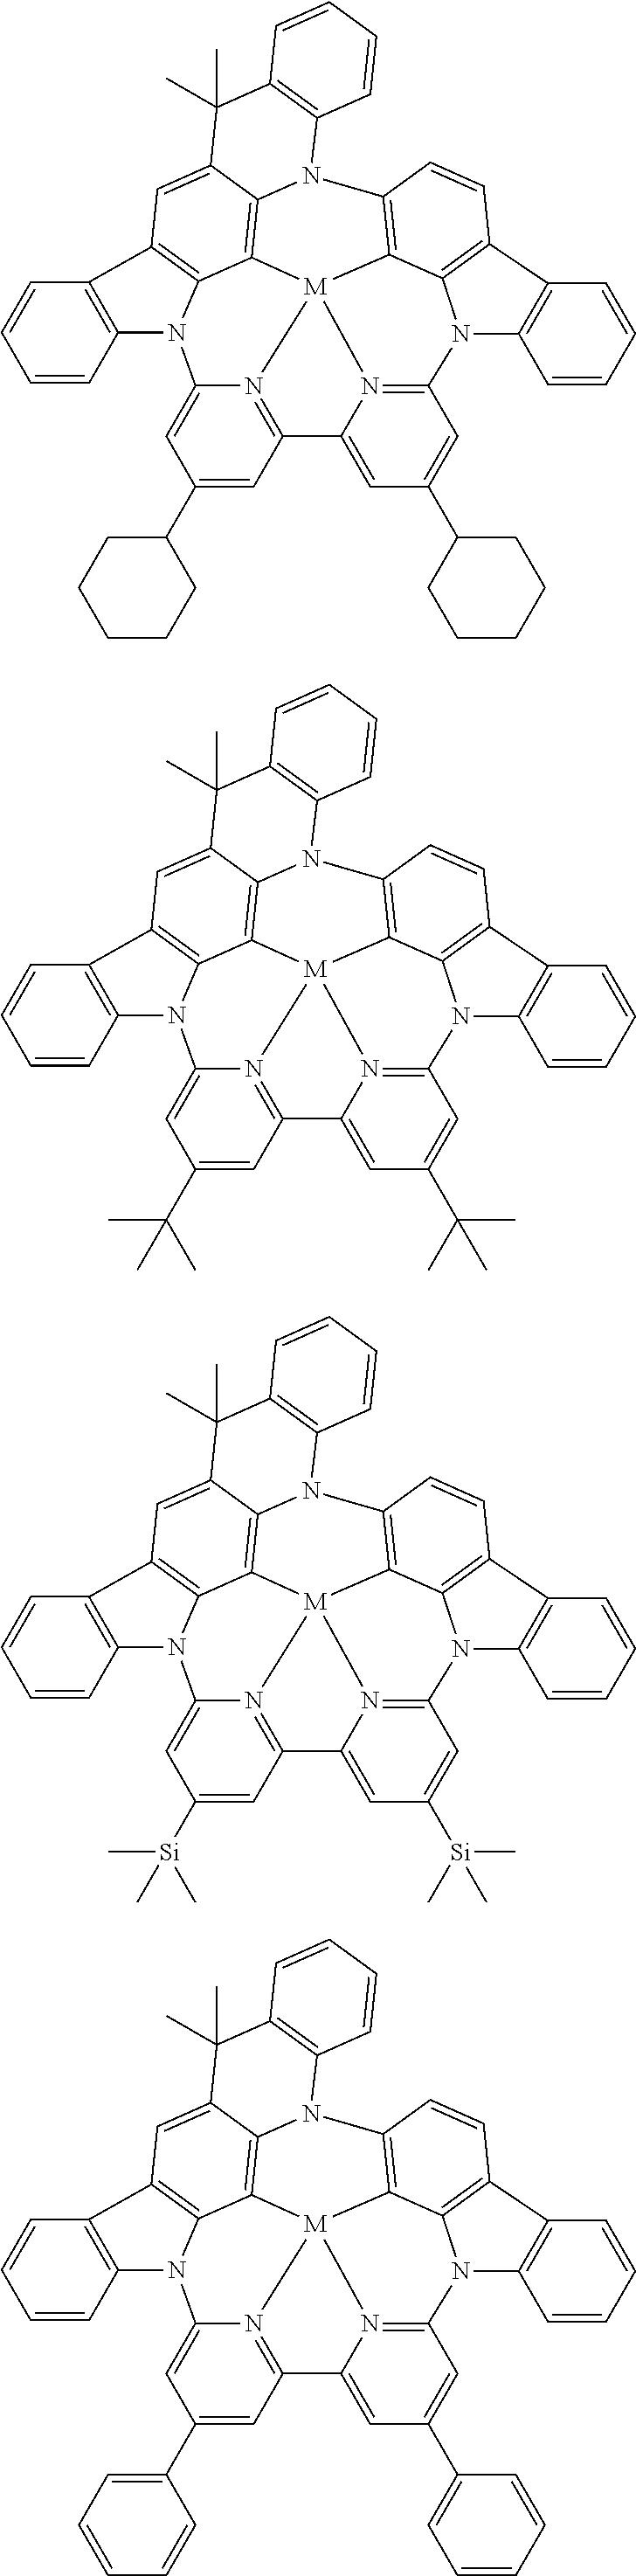 Figure US10158091-20181218-C00227